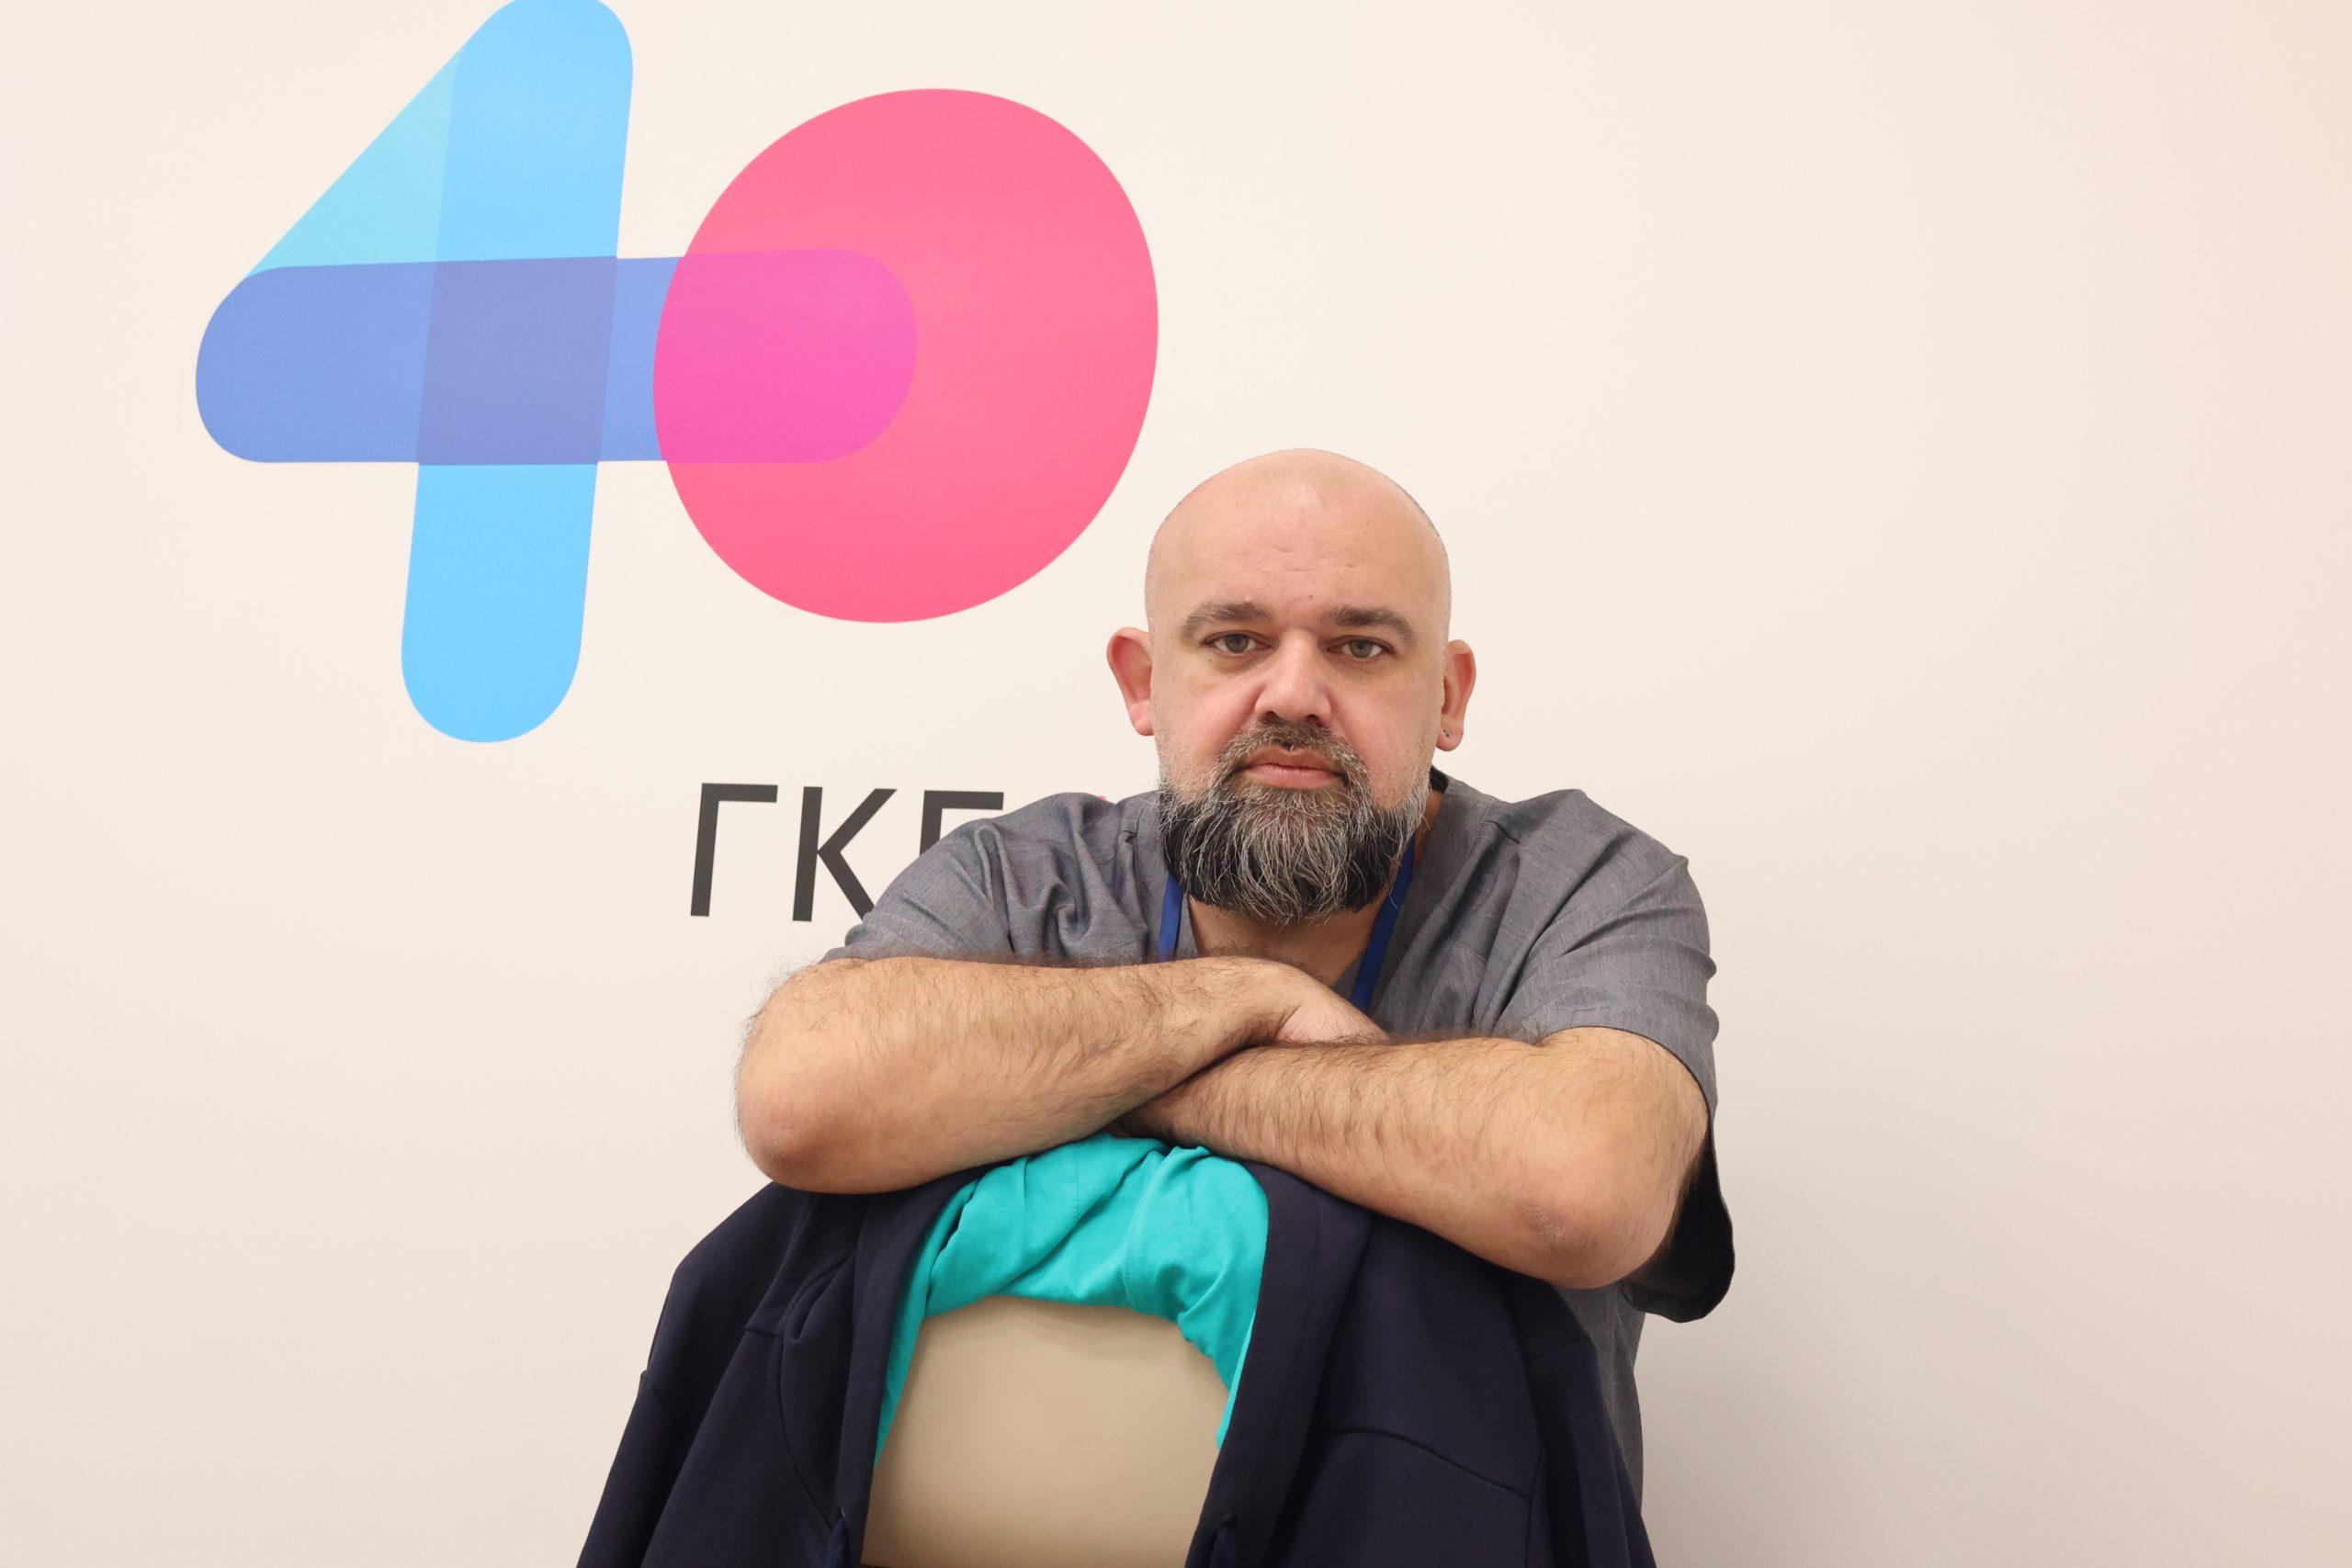 Денис Проценко: У пожилых людей болезнь протекает тяжелее. Сделайте прививку